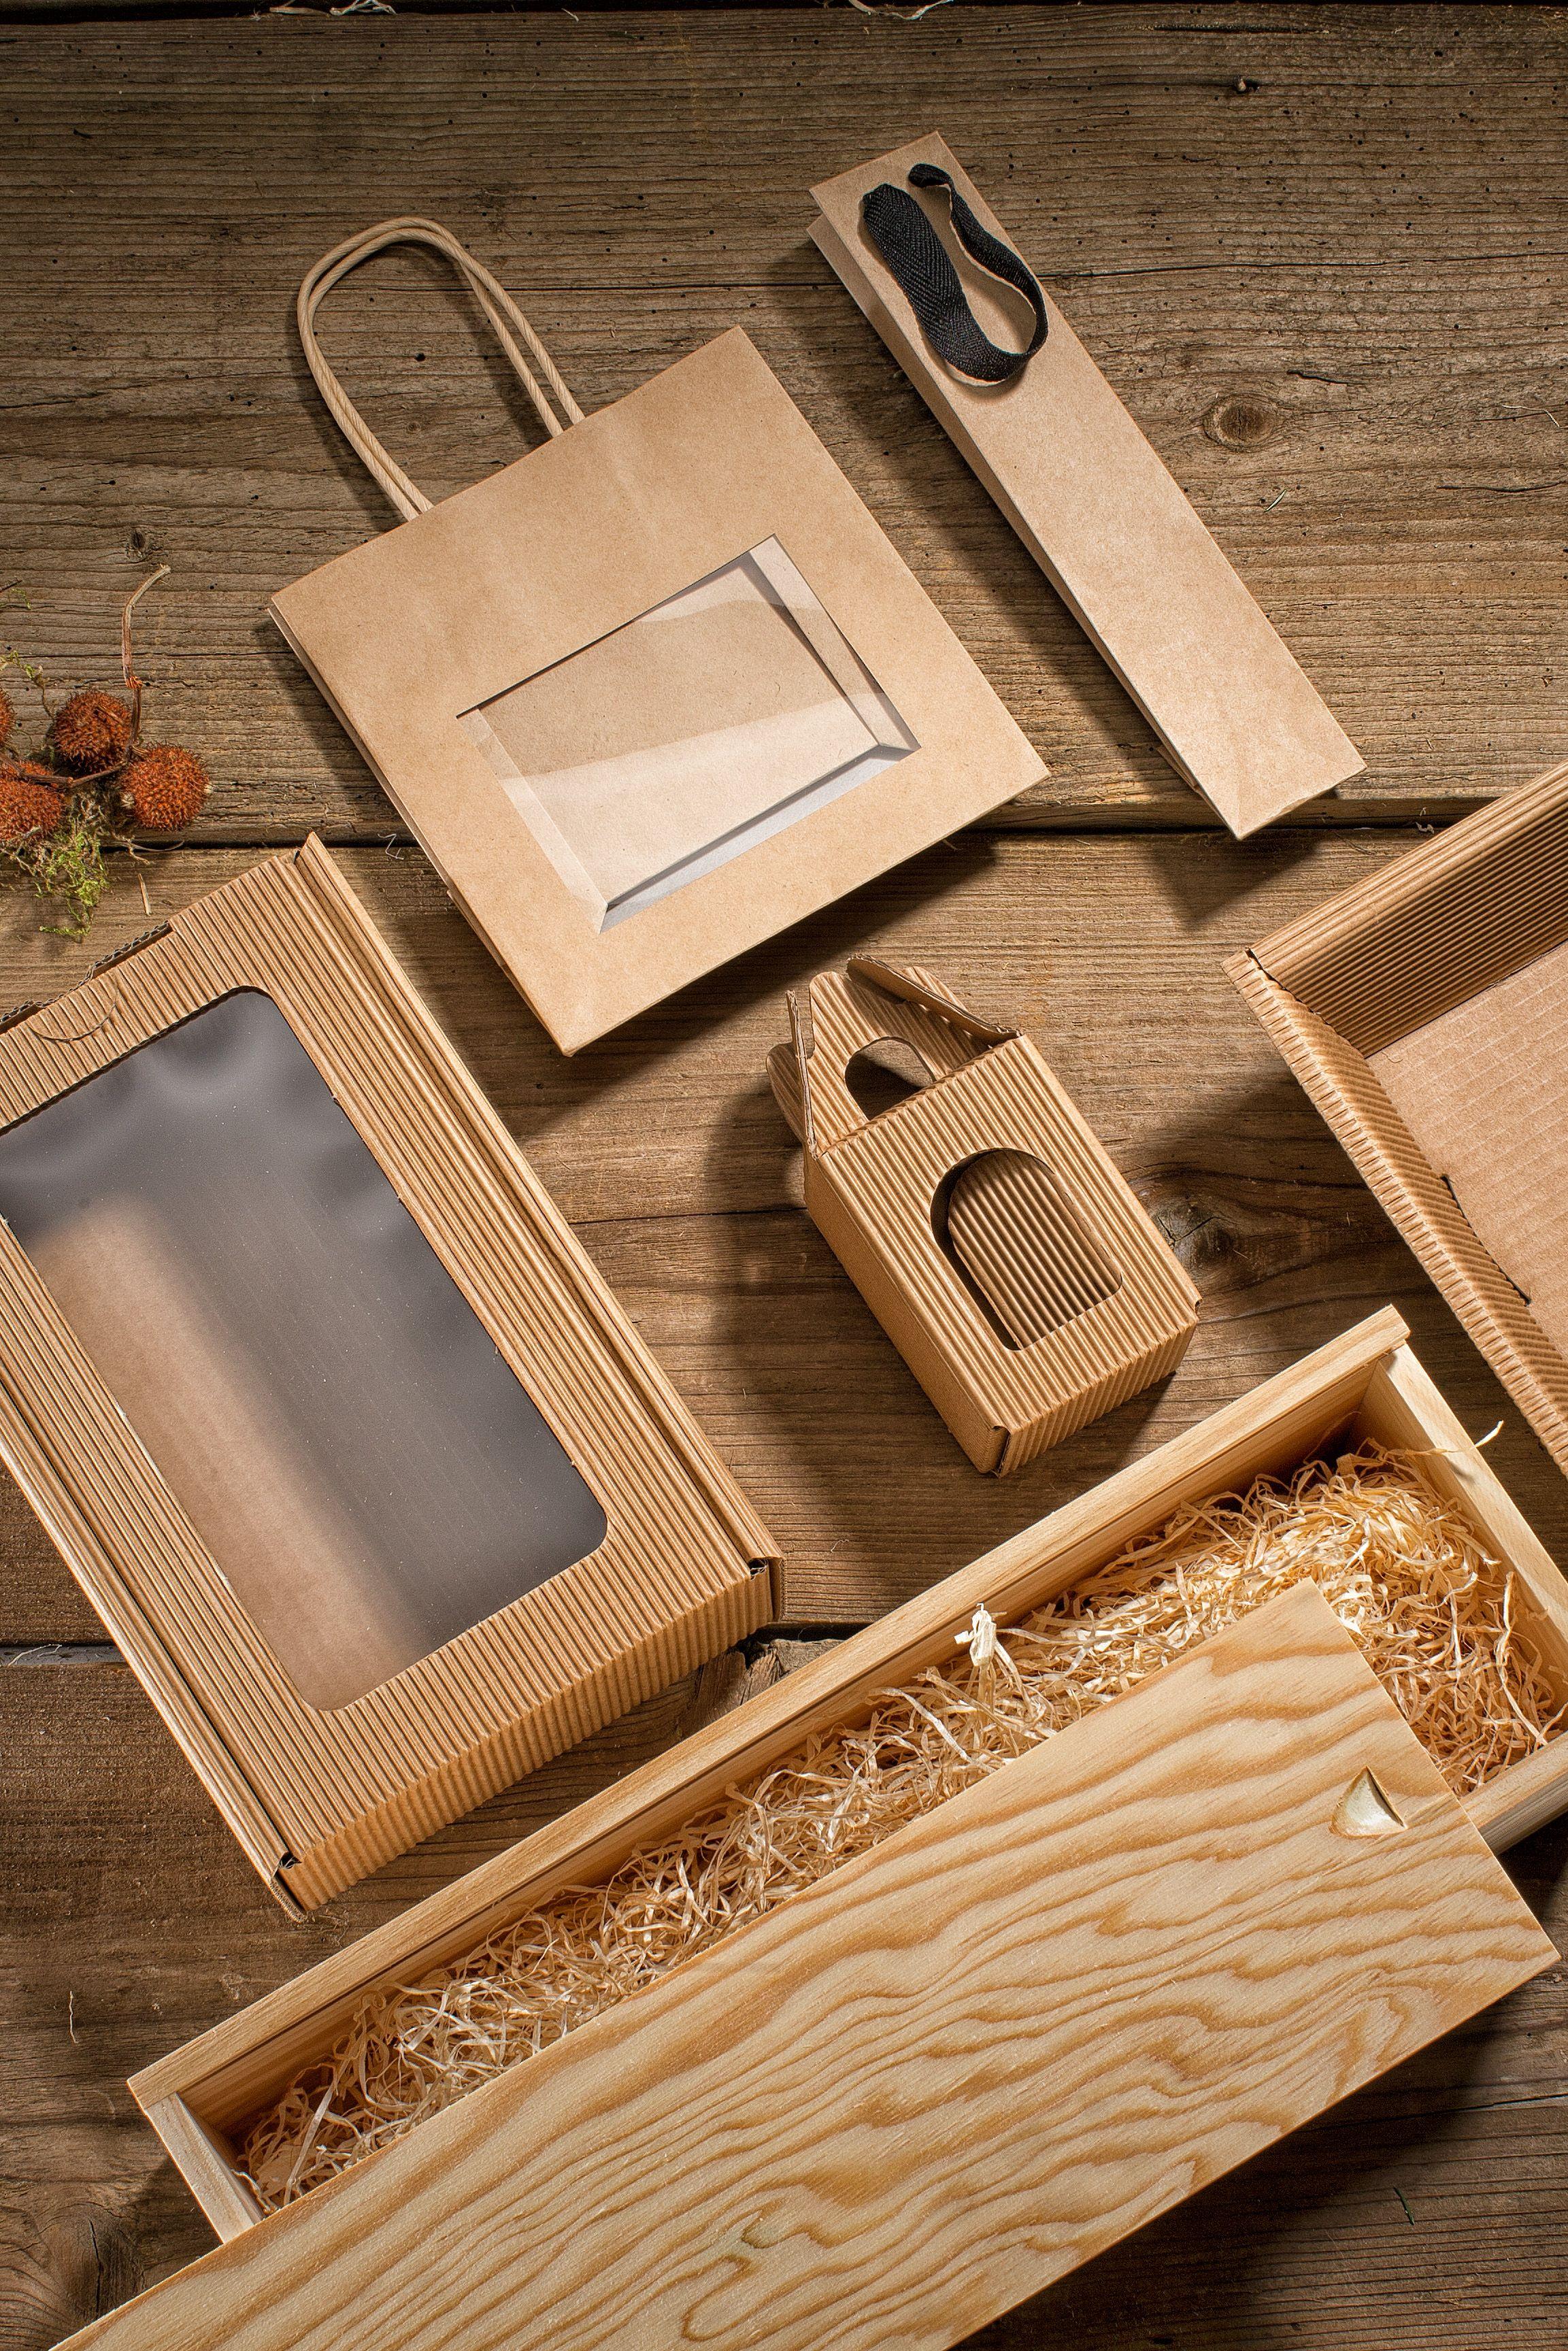 Weihnachtsgeschenke Geschäftspartner.Holen Sie Kreative Verpackungsideen Für Die Weihnachtsgeschenke